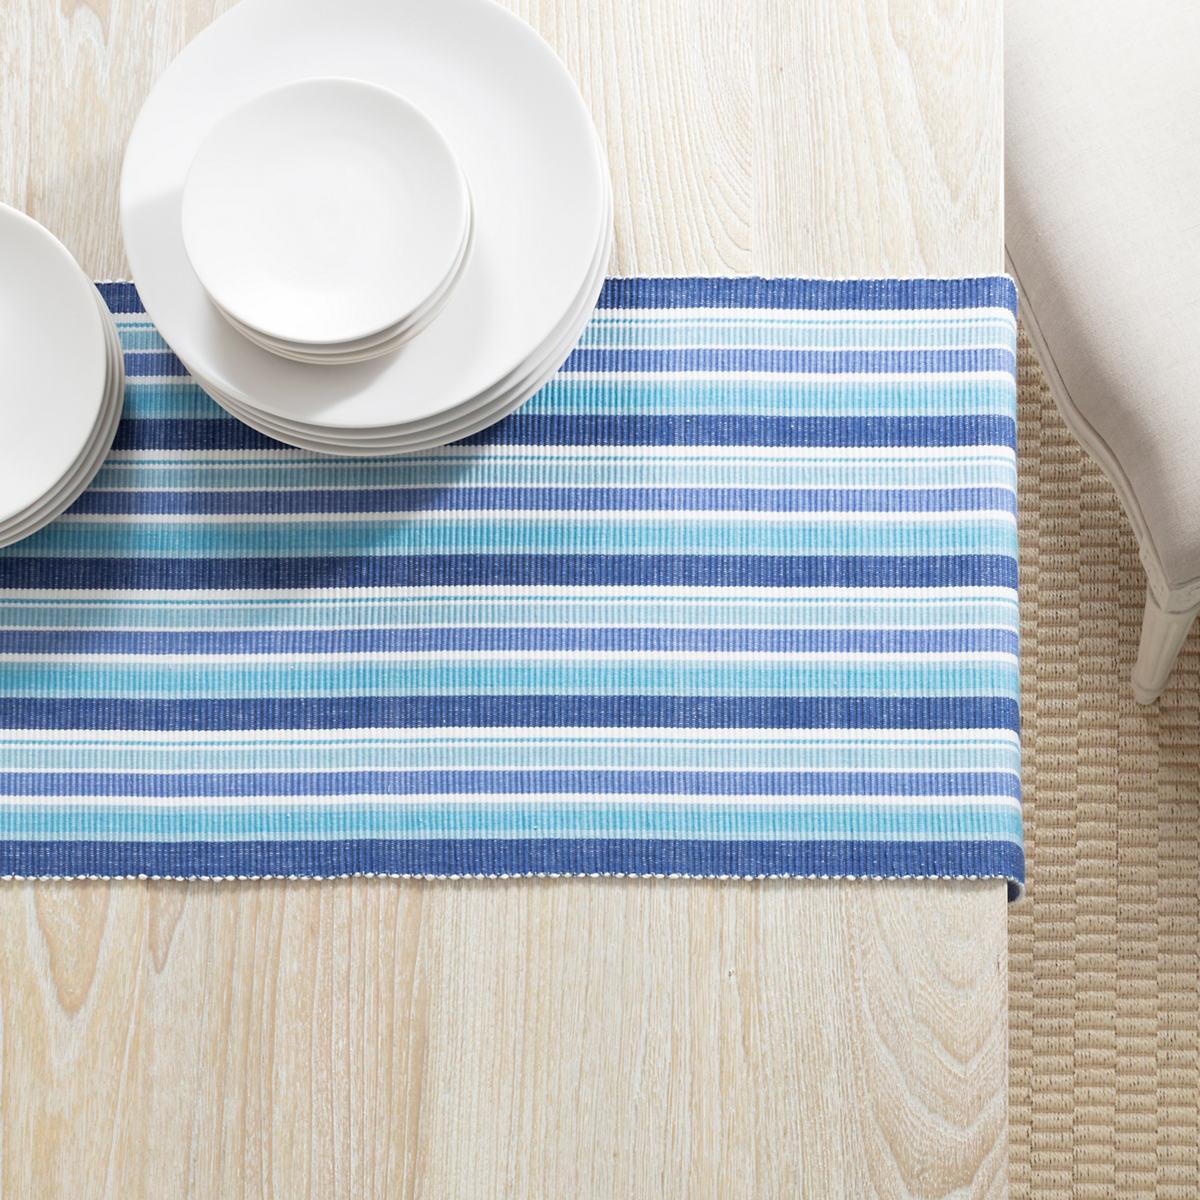 Bluemarine Stripe Table Runner